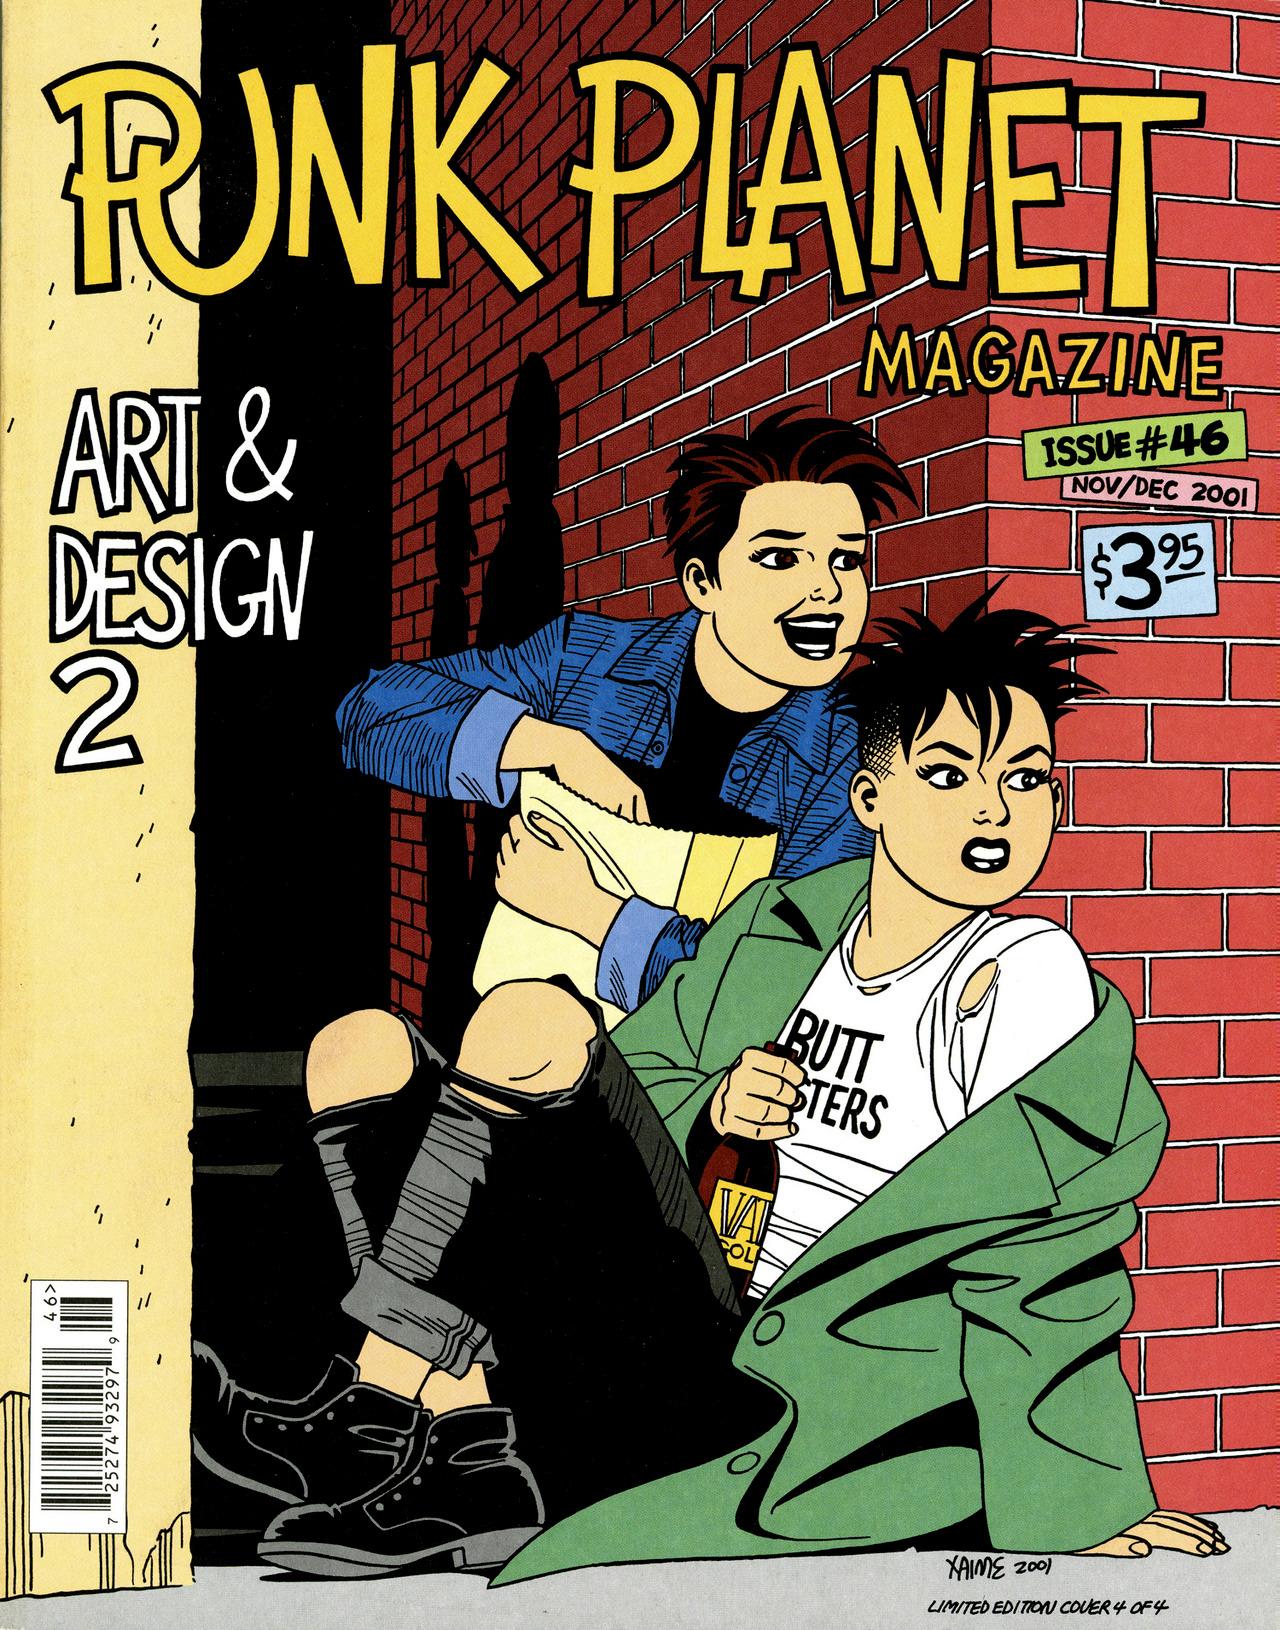 Punk Planet Magazine nº 46, 2001, capa de Jaime Hernandez com Maggie e Hopey da série Love and Rockets